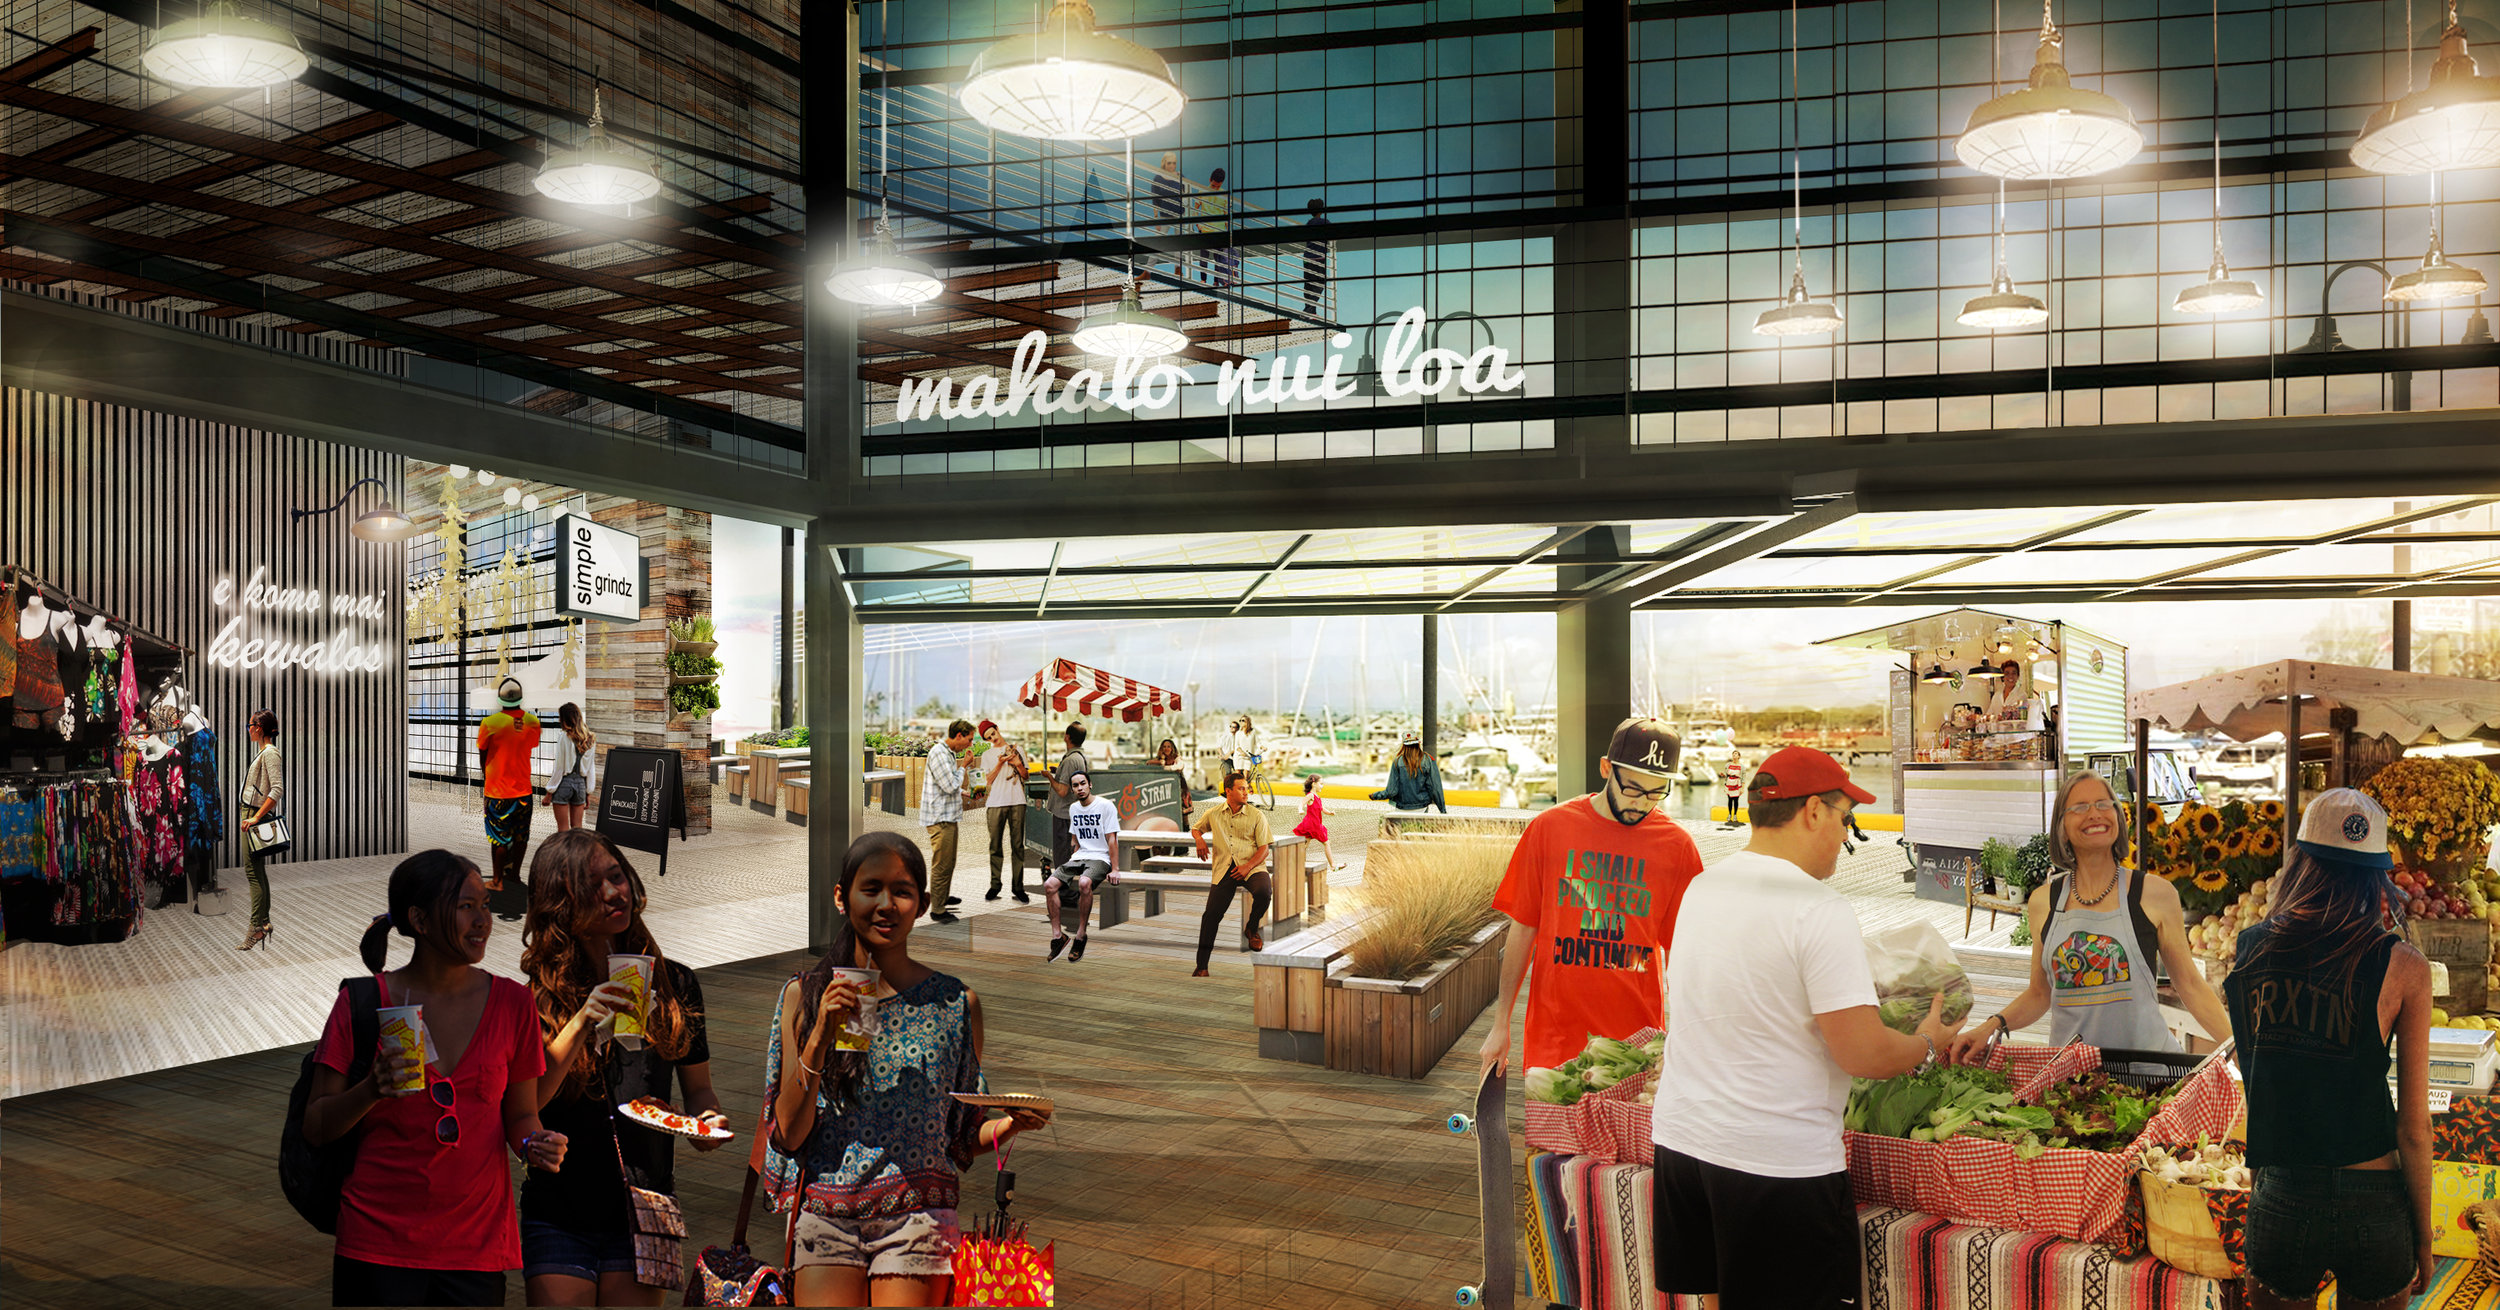 redux_Kewalo Market.jpg